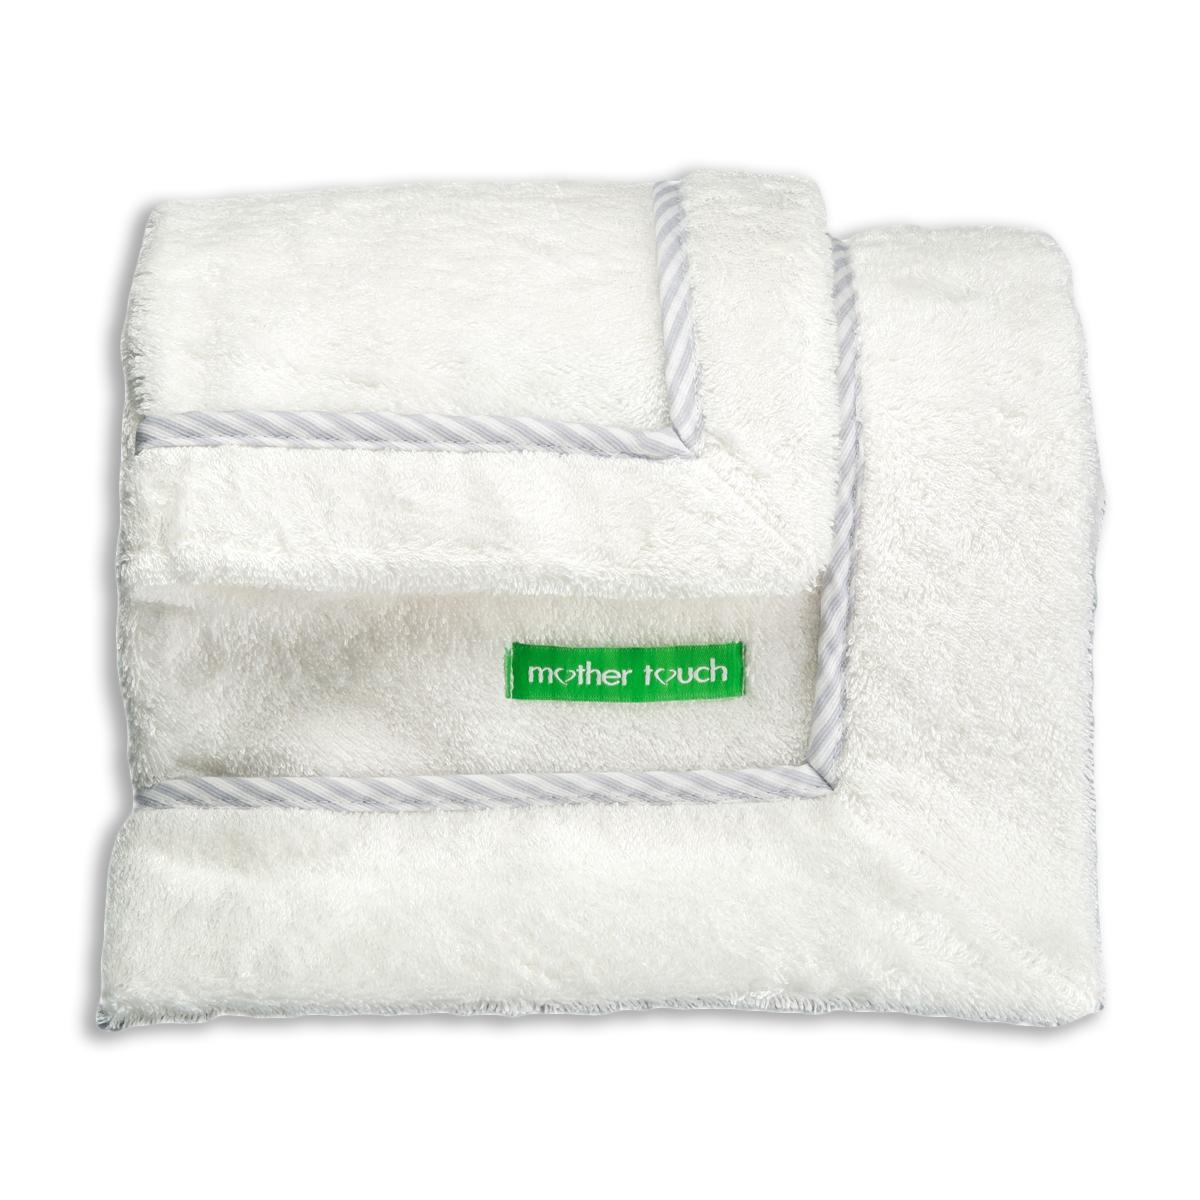 Βρεφικές Πετσέτες (Σετ 2τμχ) Mother Touch D-Line Grey